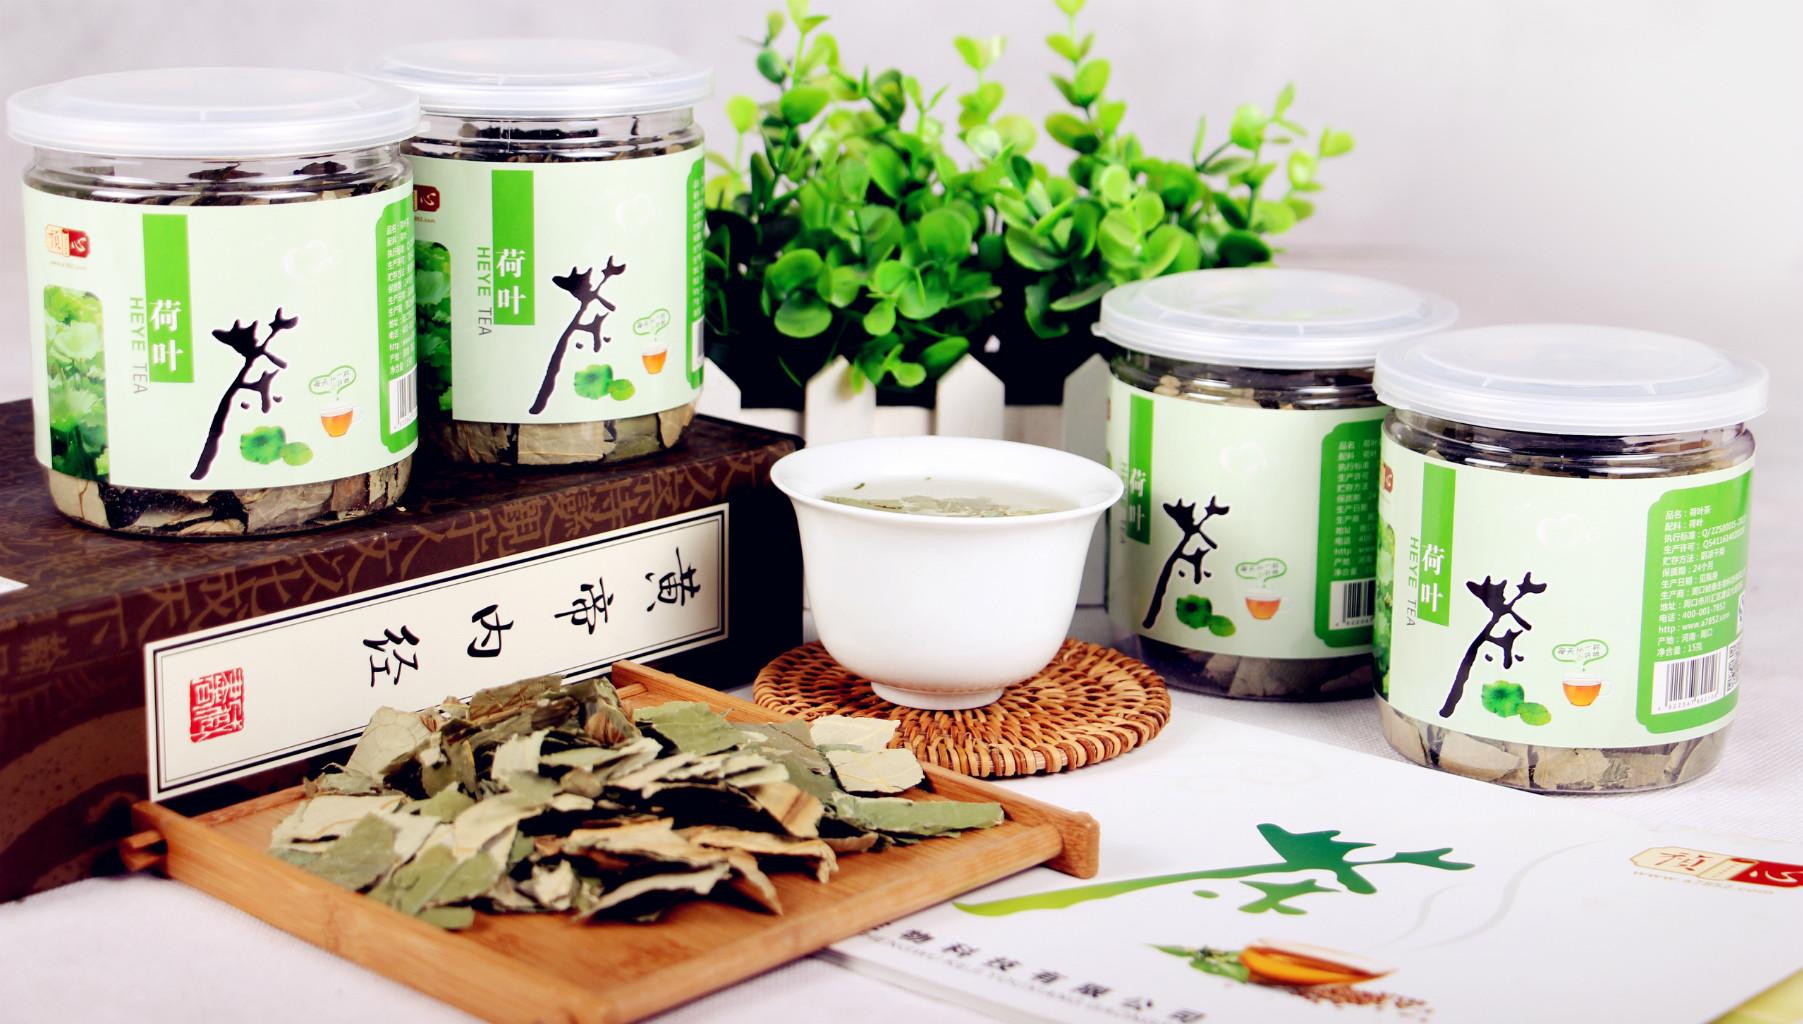 祯心瓶装茶系列-荷叶